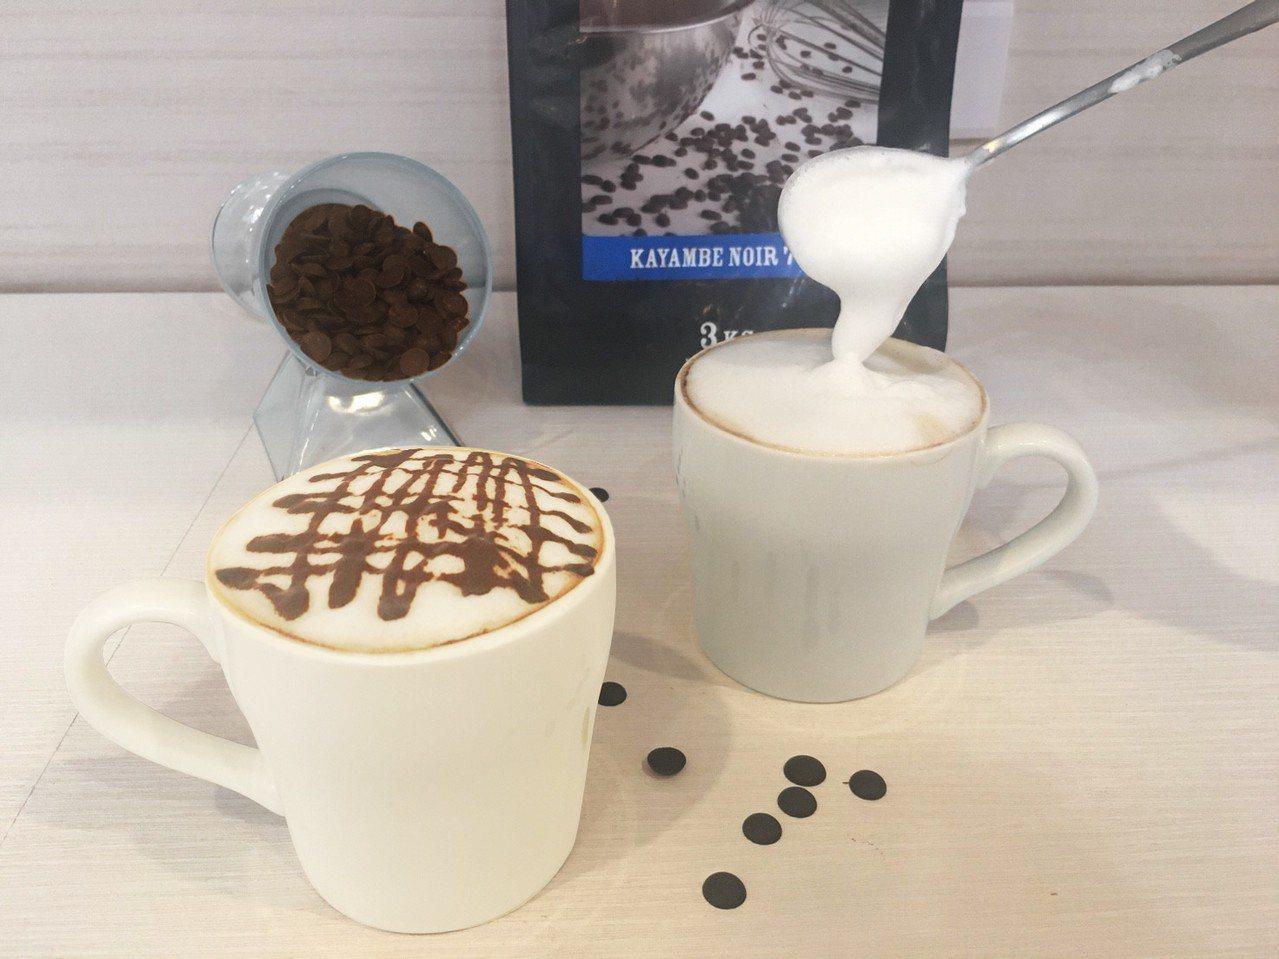 四款米歇爾黑巧克力系列飲品,限時優惠第二杯享半價。圖/亞尼克提供